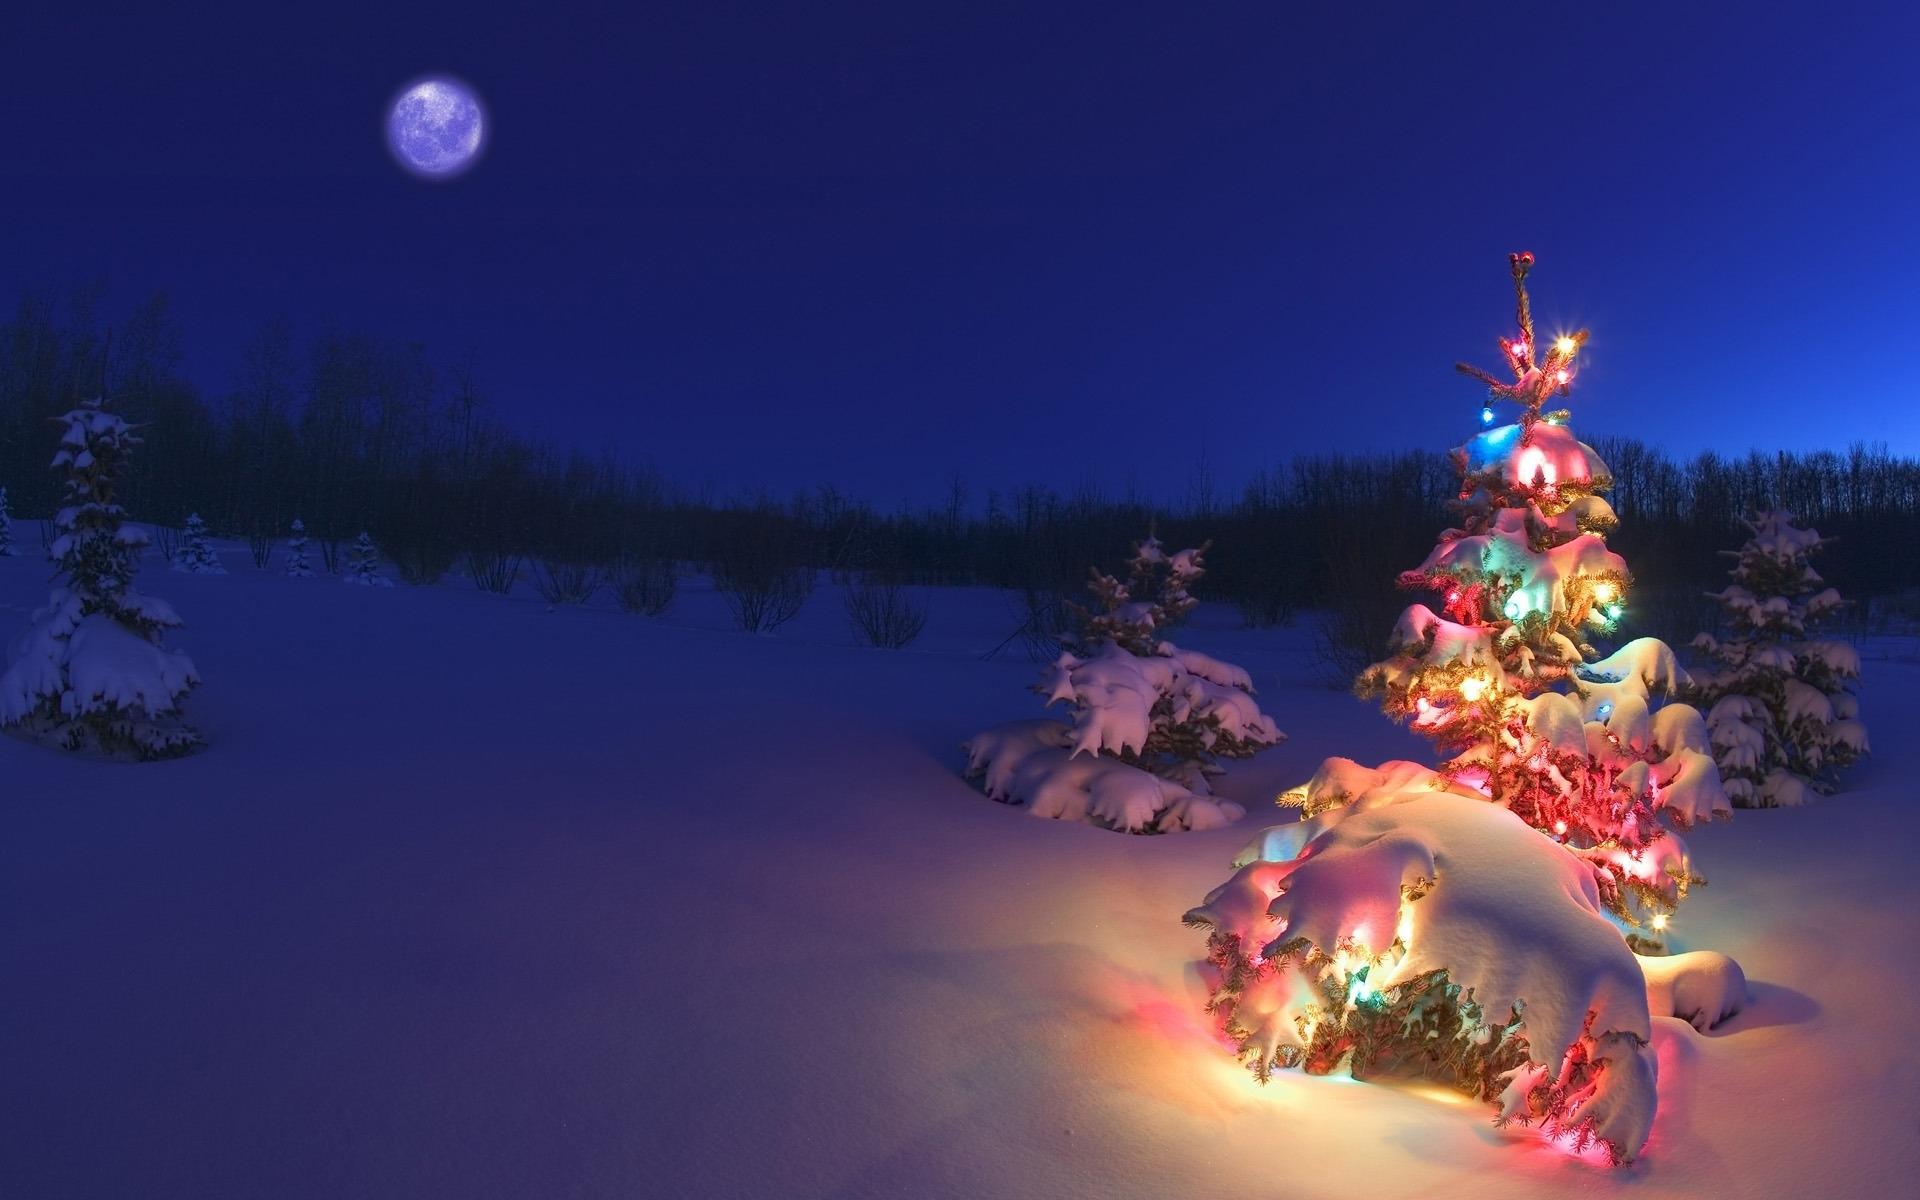 41665 descargar fondo de pantalla Paisaje, Invierno, Año Nuevo, Nieve, Abetos: protectores de pantalla e imágenes gratis